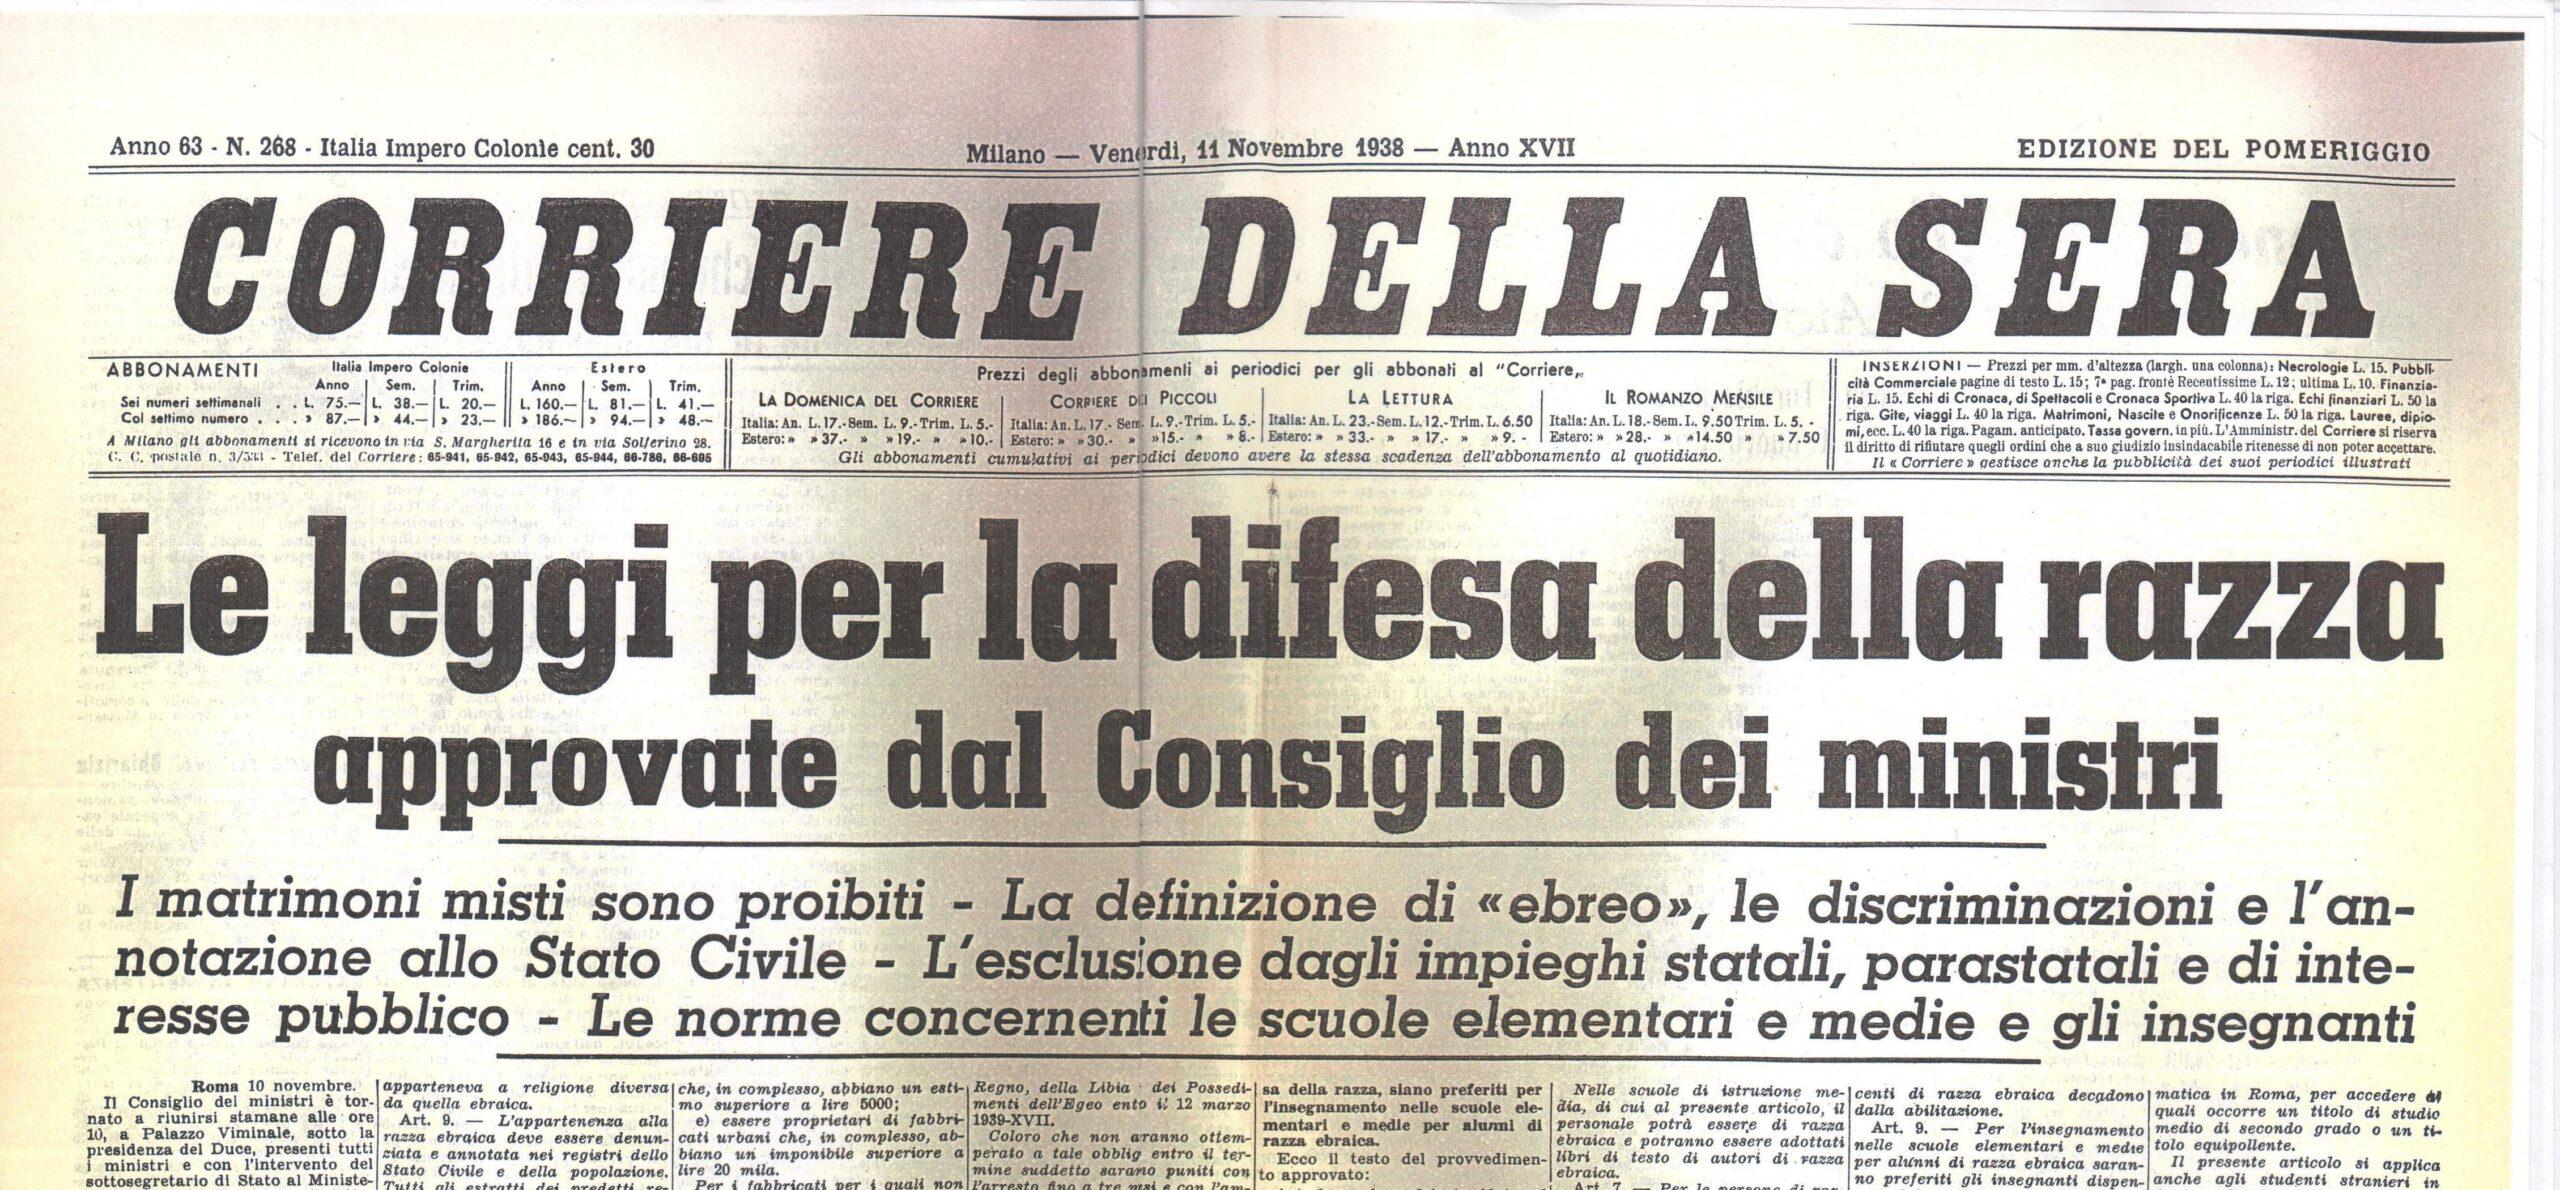 Leggi razziali in Italia: Corriere della Sera